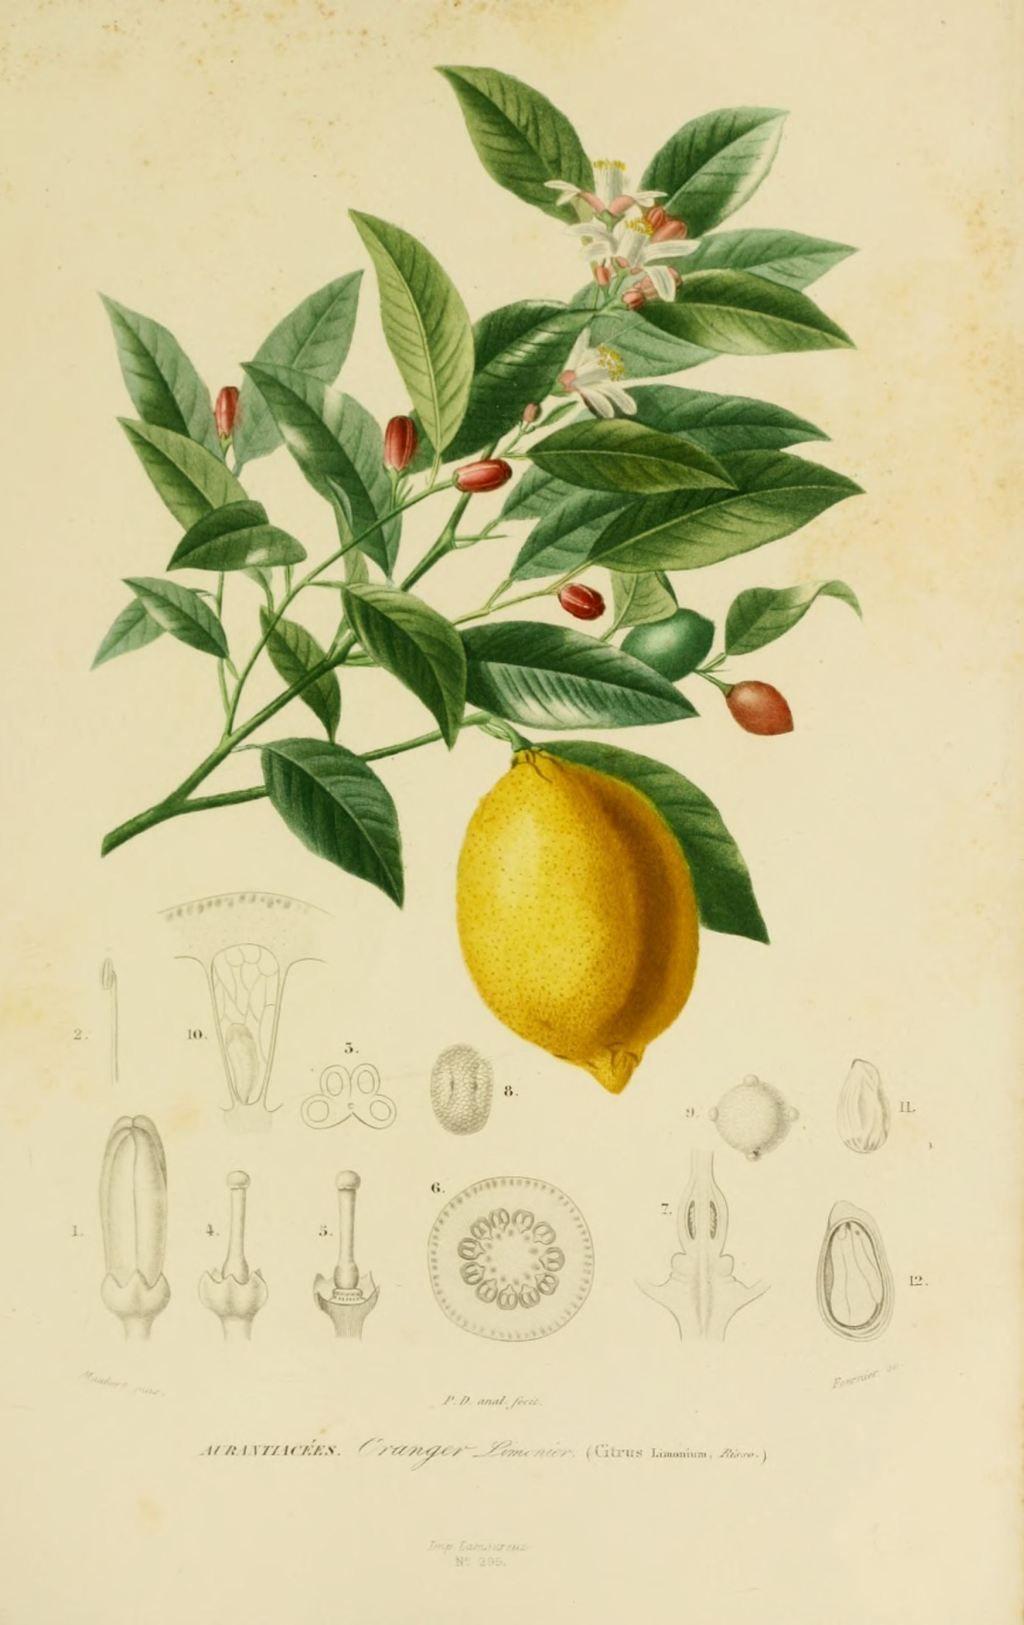 img dessins couleur fleurs dessin botanique de fleur 0151 oranger limonier citronnier citrus. Black Bedroom Furniture Sets. Home Design Ideas